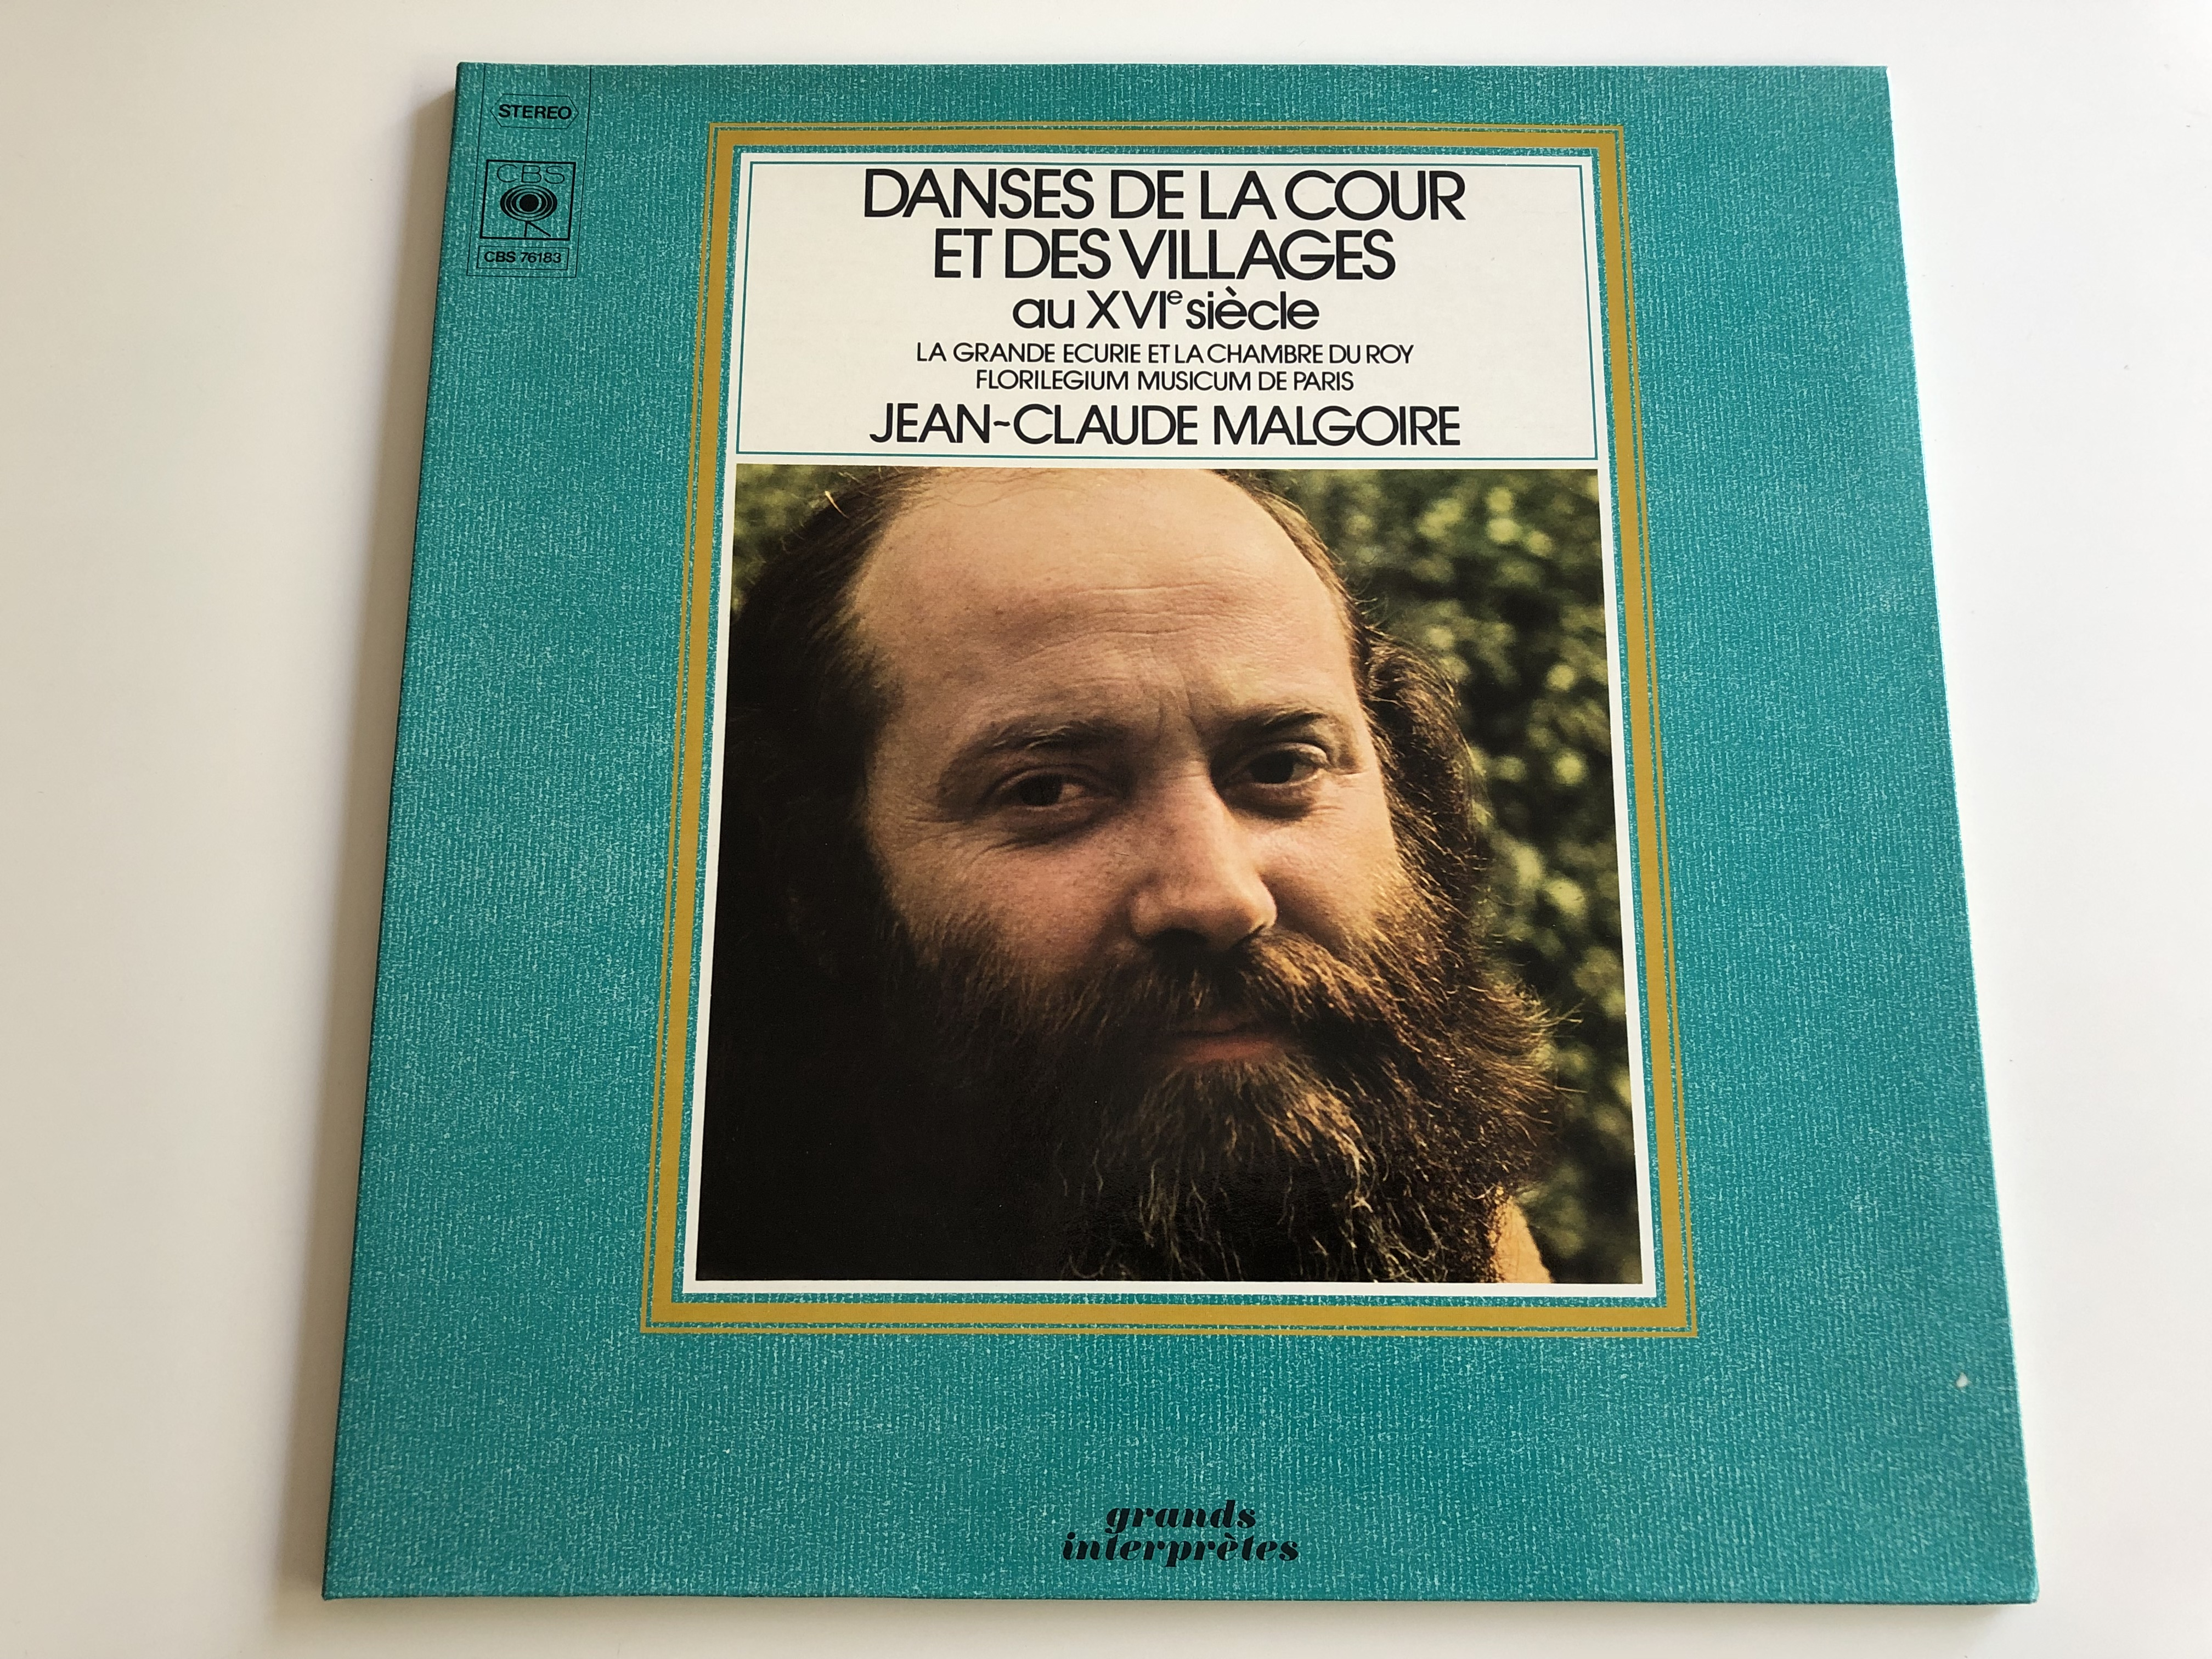 danses-de-la-cour-et-des-villages-au-xvi-si-cle-la-grande-ecurie-et-la-chambre-du-roy-florilegium-musicum-de-paris-conducted-jean-claude-malgoire-cbs-lp-stereo-cbs-76183-1-.jpg